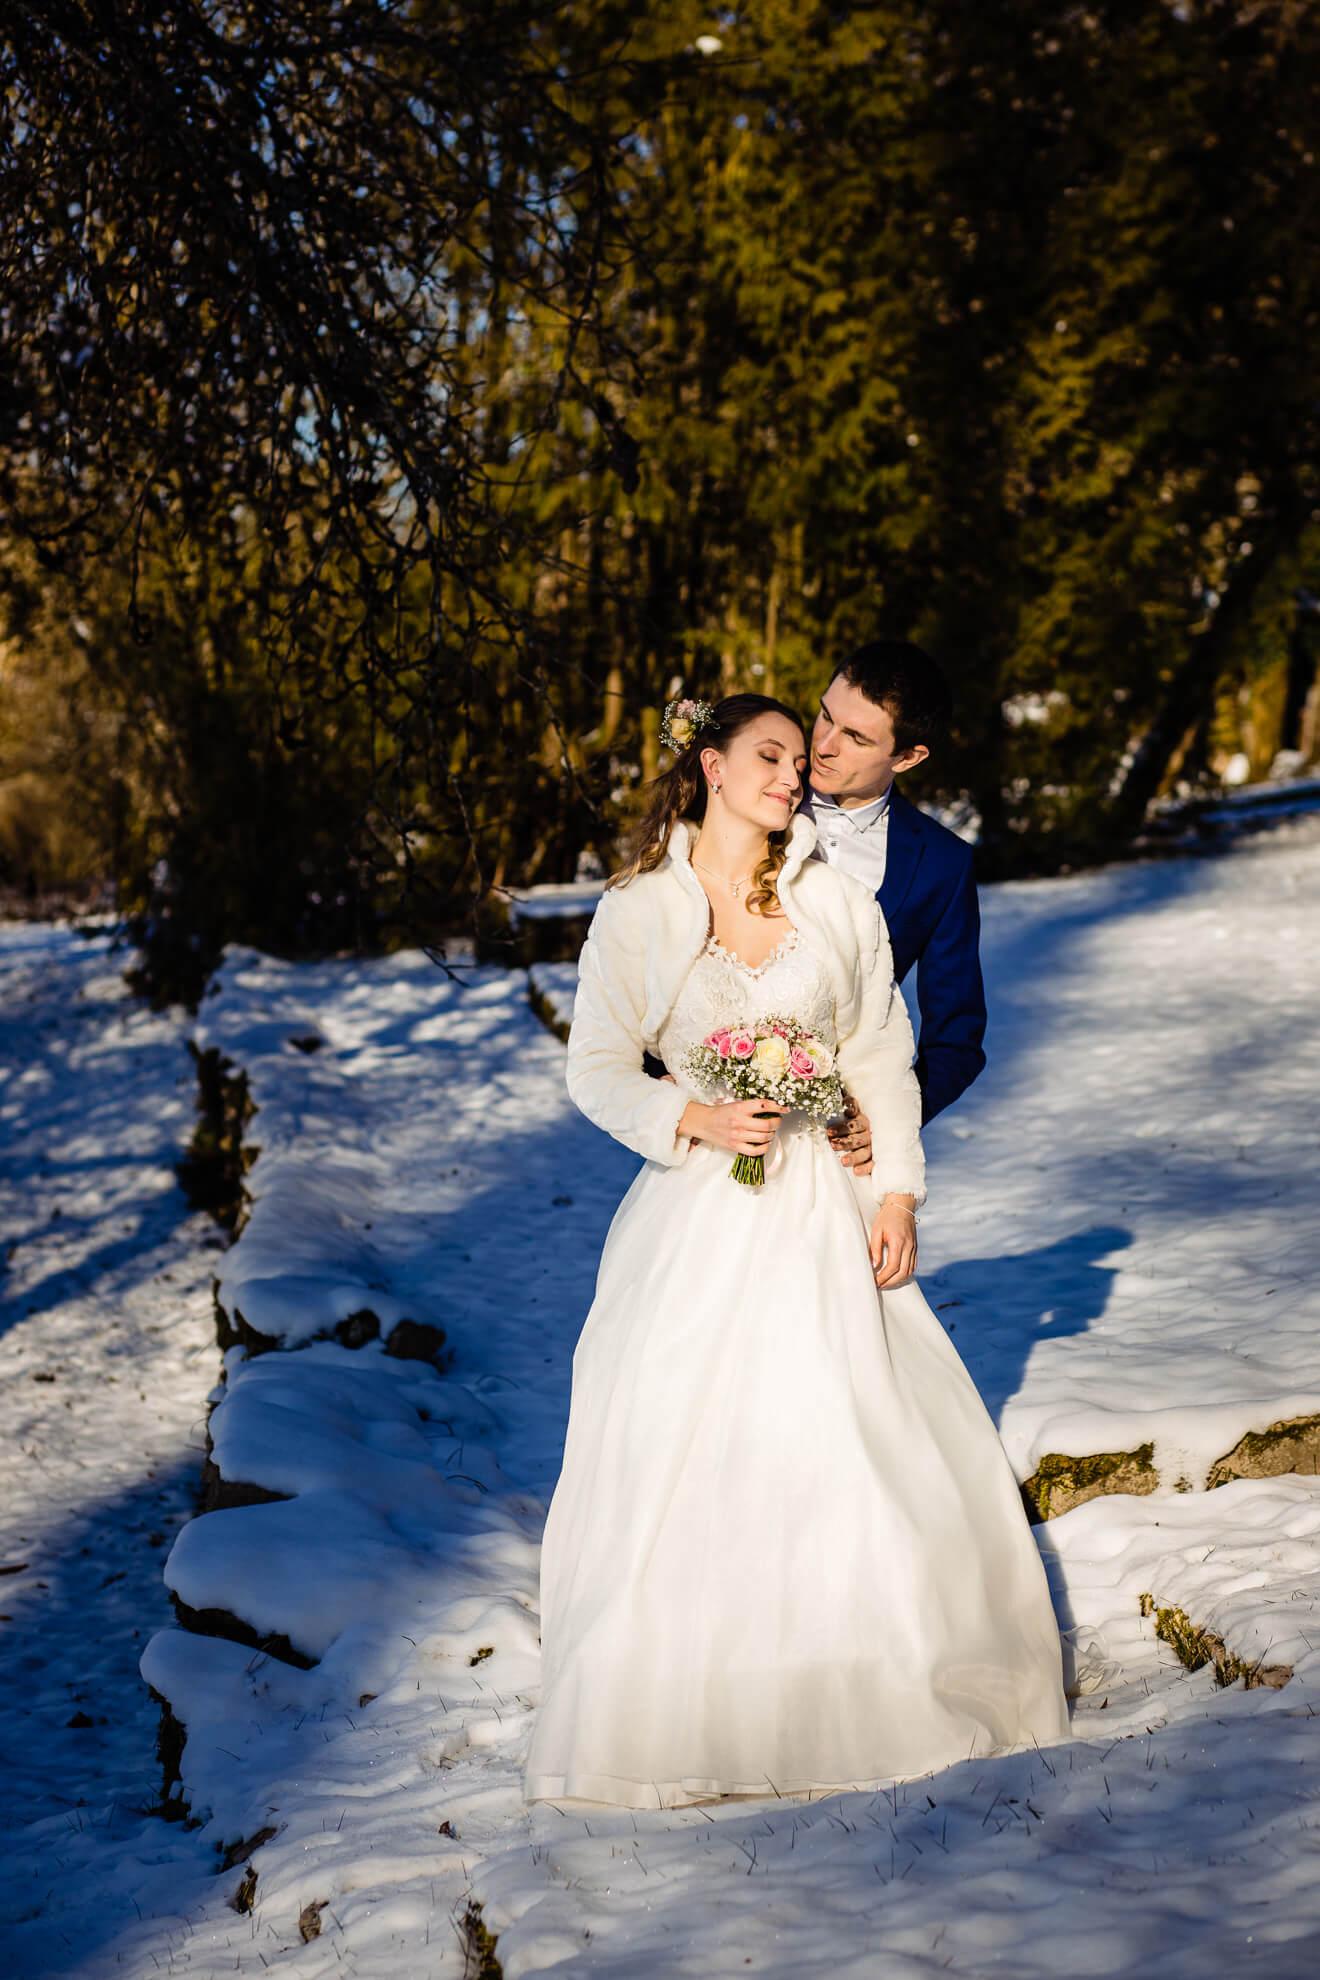 Jeunes mariés posant dans un jardin enneigé